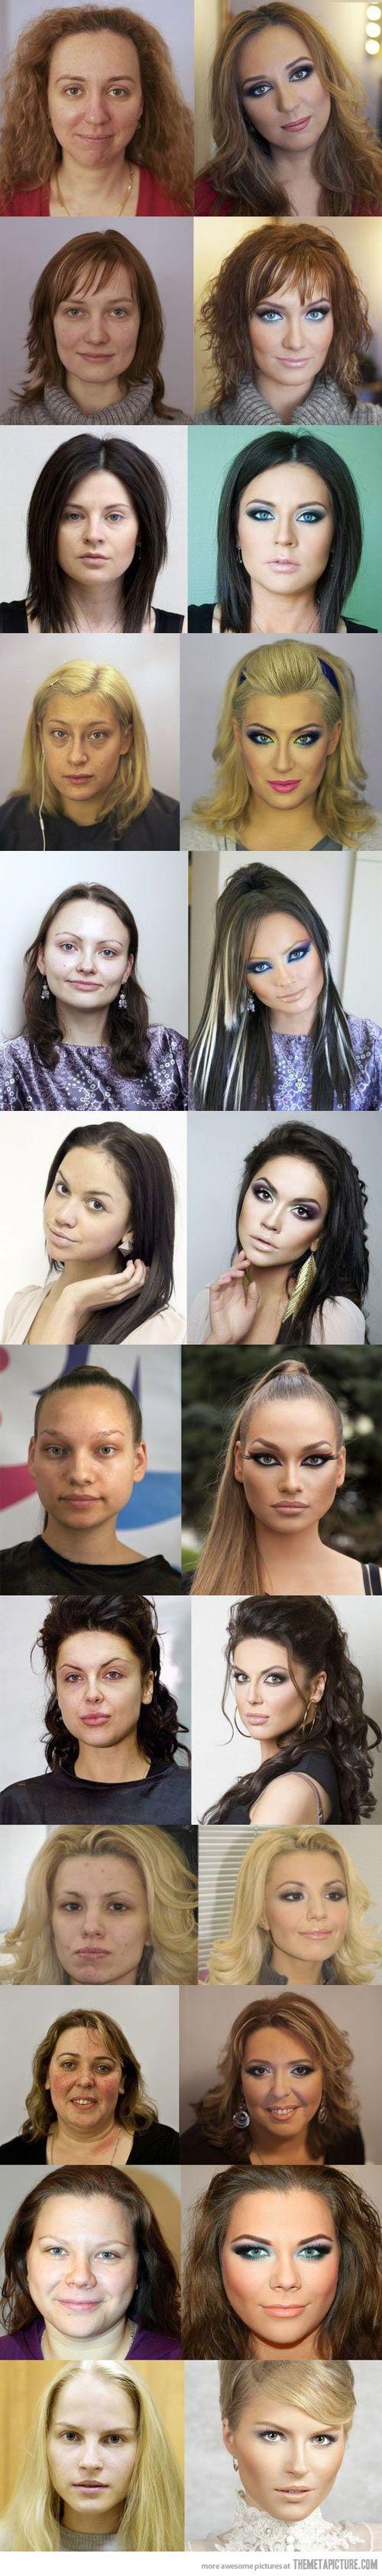 russian makeup before and after make up pinterest make up lustig und witzig. Black Bedroom Furniture Sets. Home Design Ideas